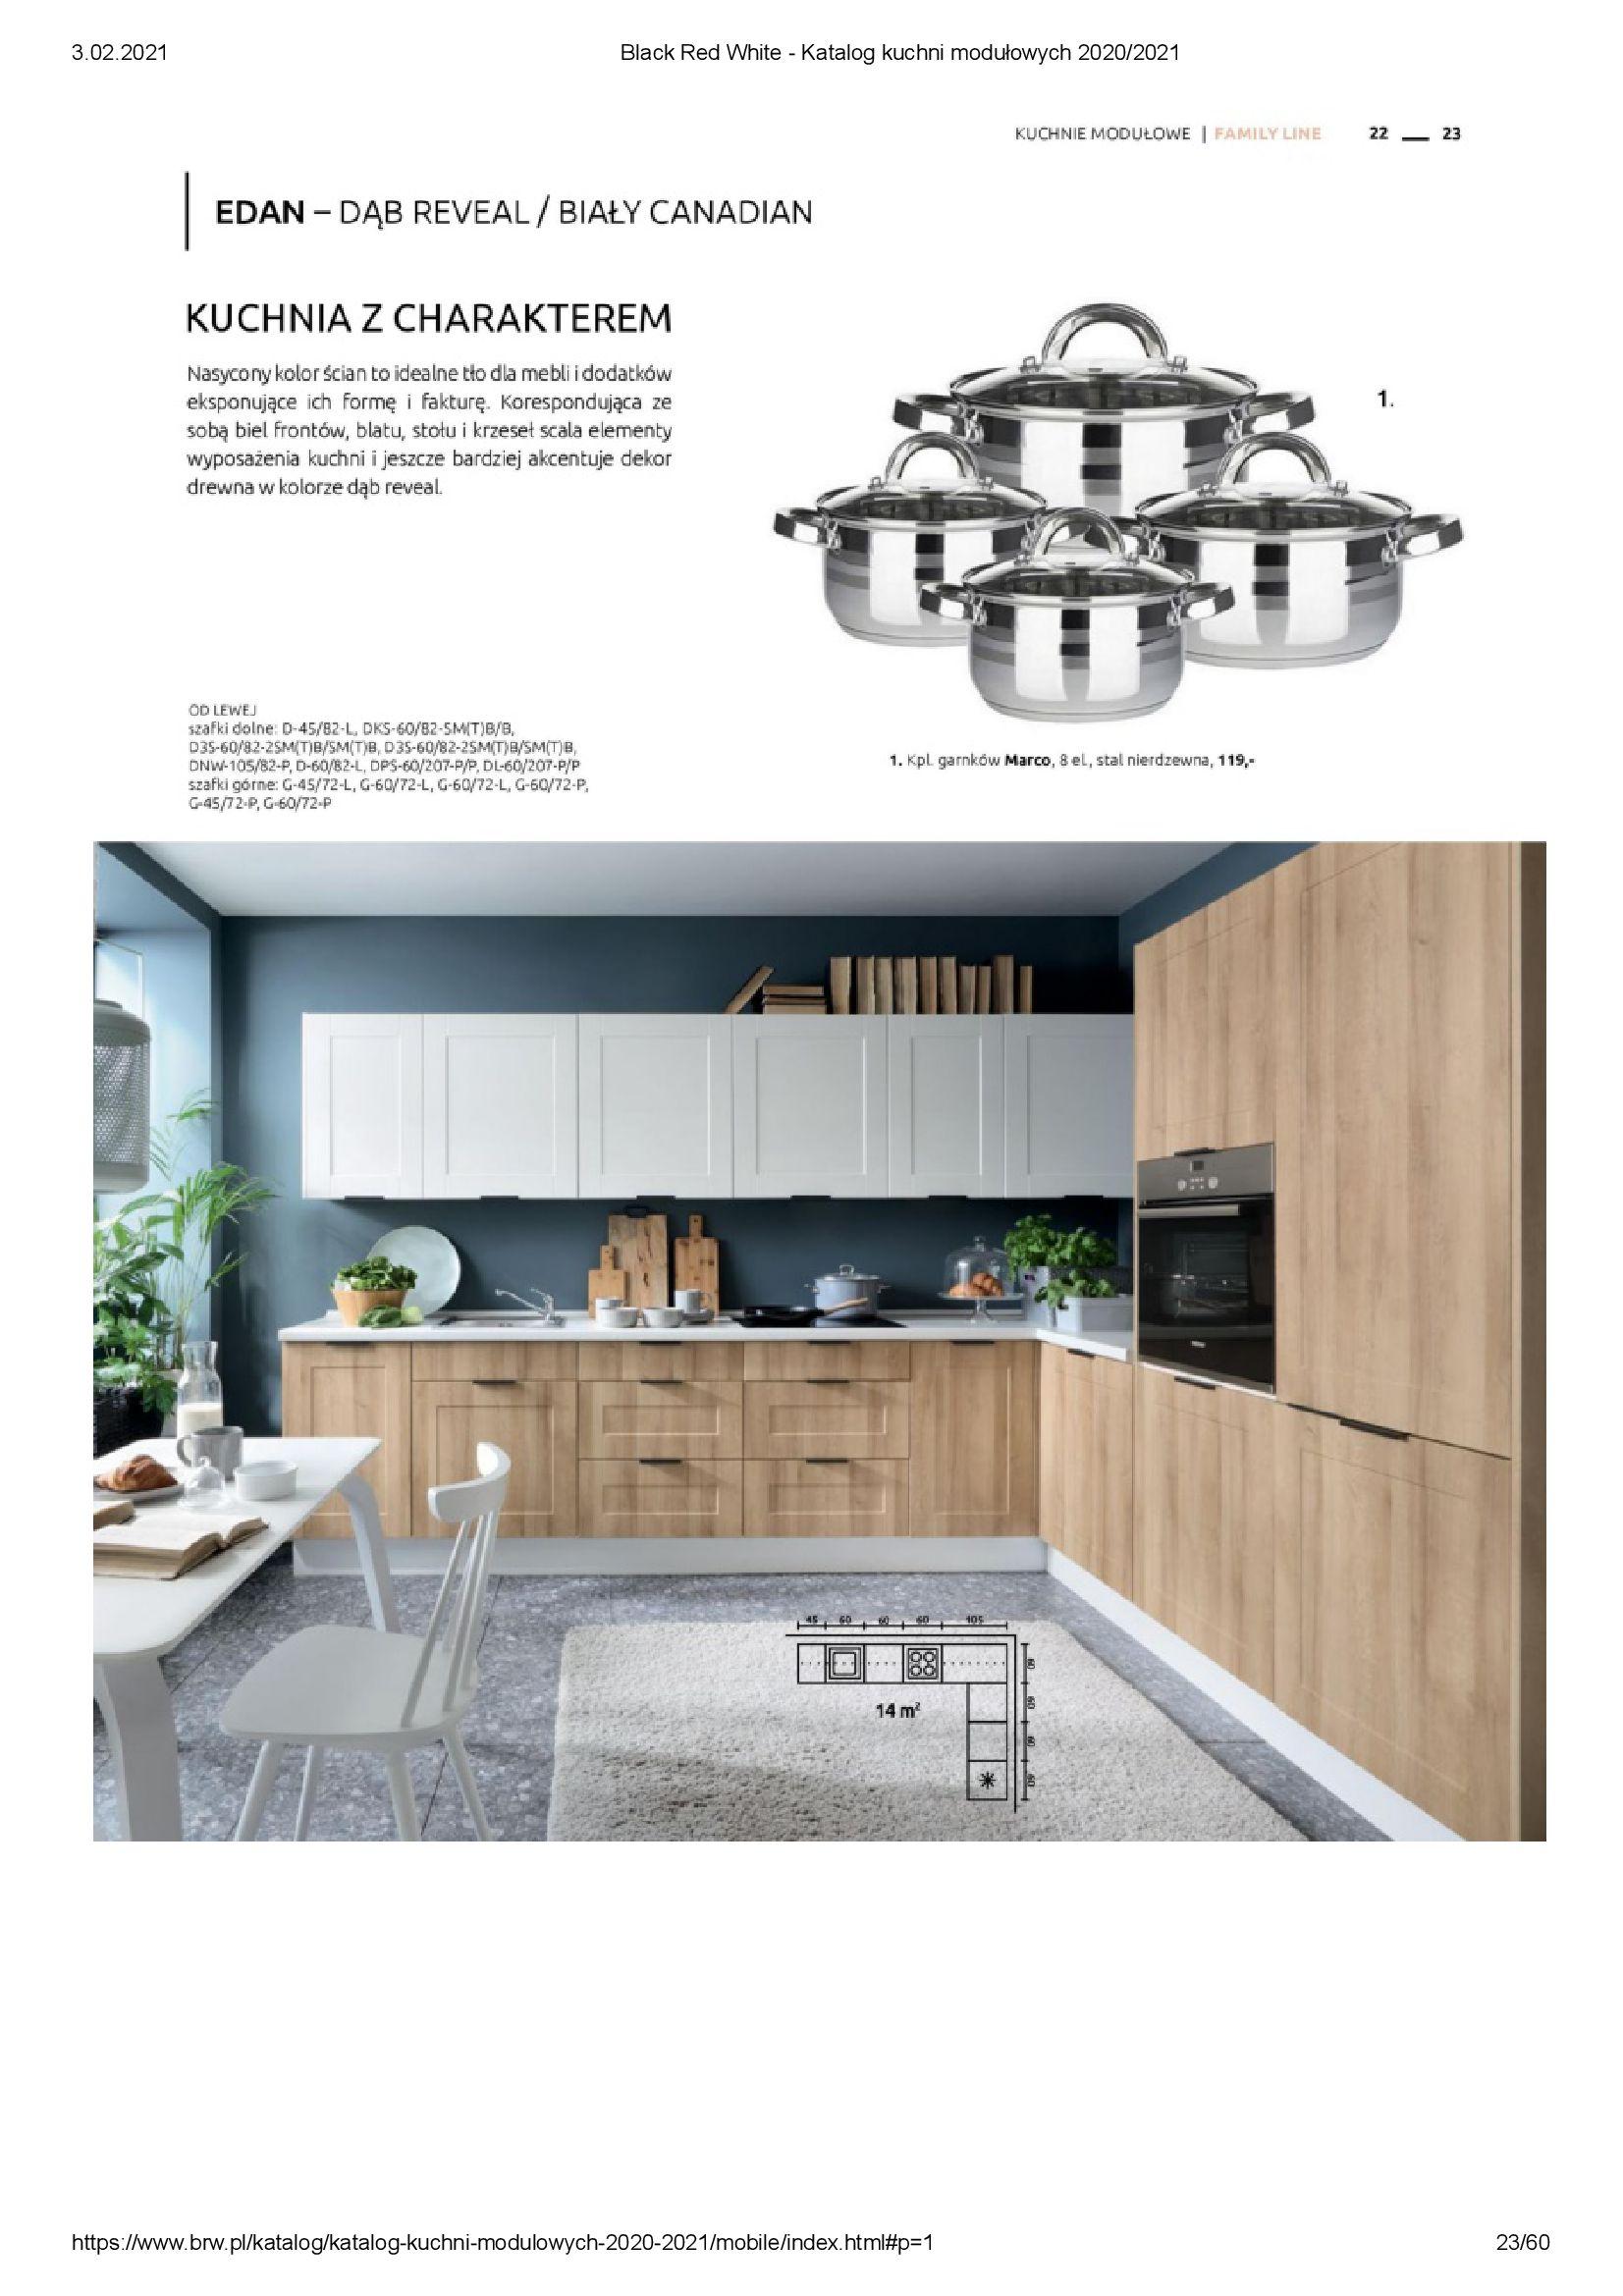 Gazetka Black Red White: Katalog - Kuchnie modułowe 2020/2021 2021-01-01 page-23